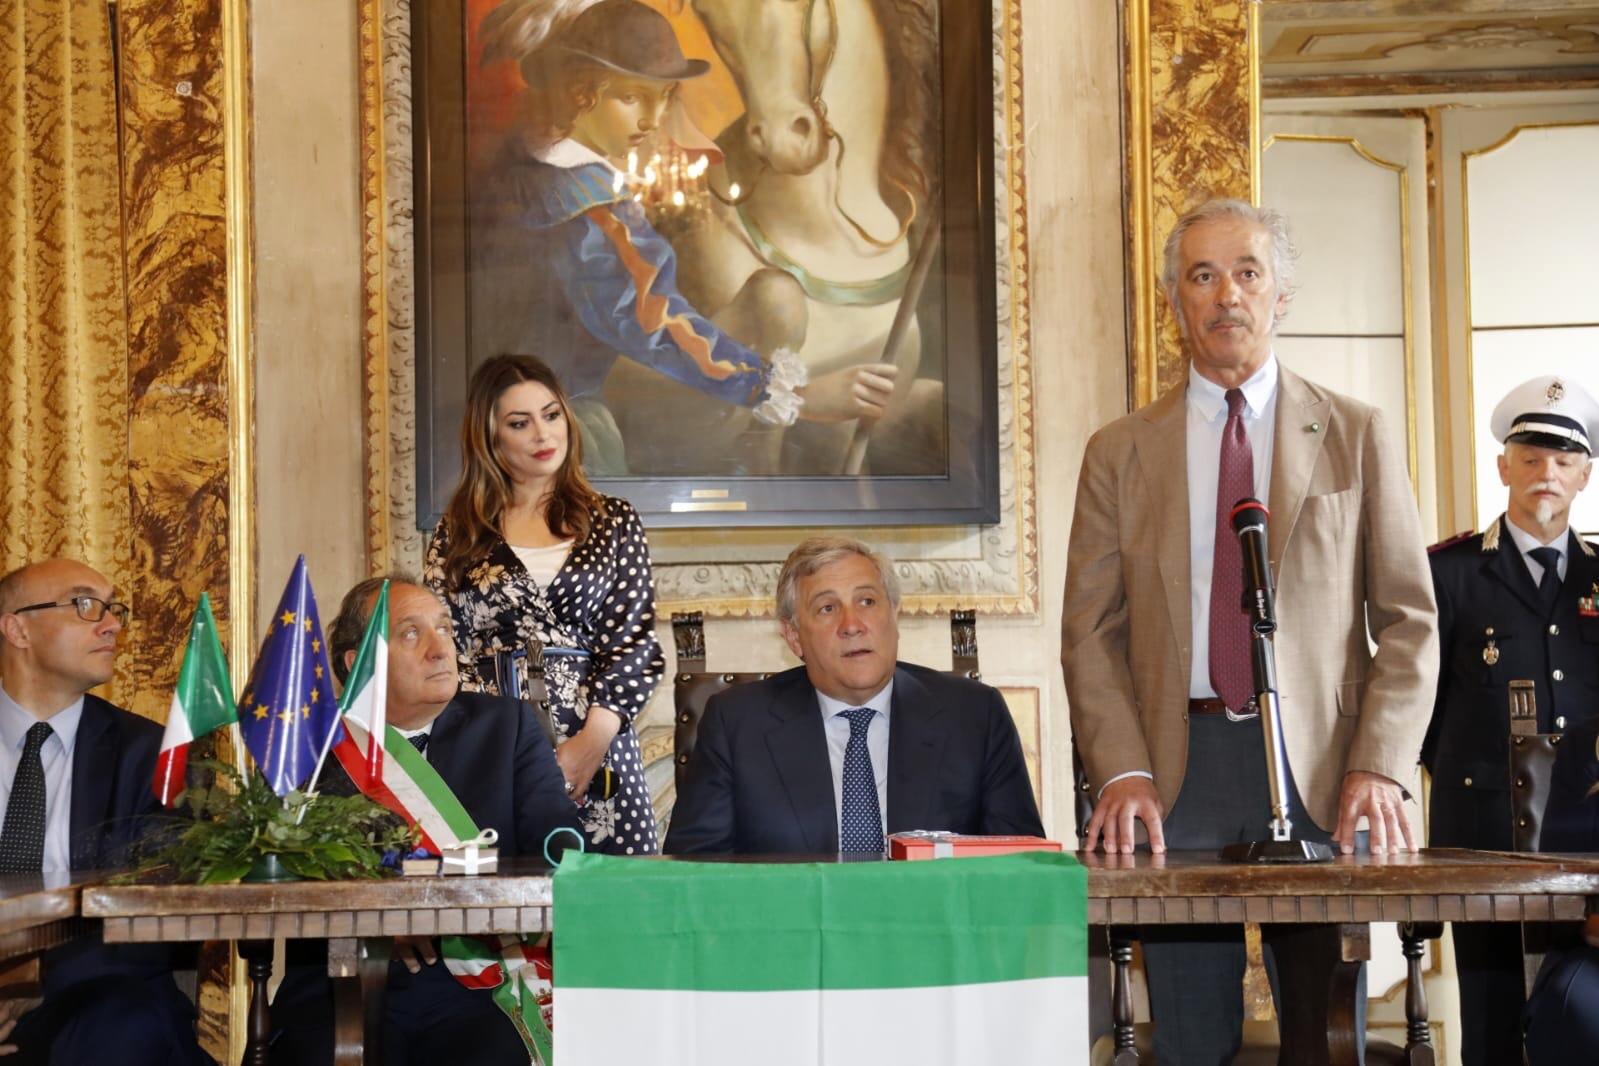 Italiano il presidente del parlamento europeo in visita for Quanti sono i membri del parlamento italiano